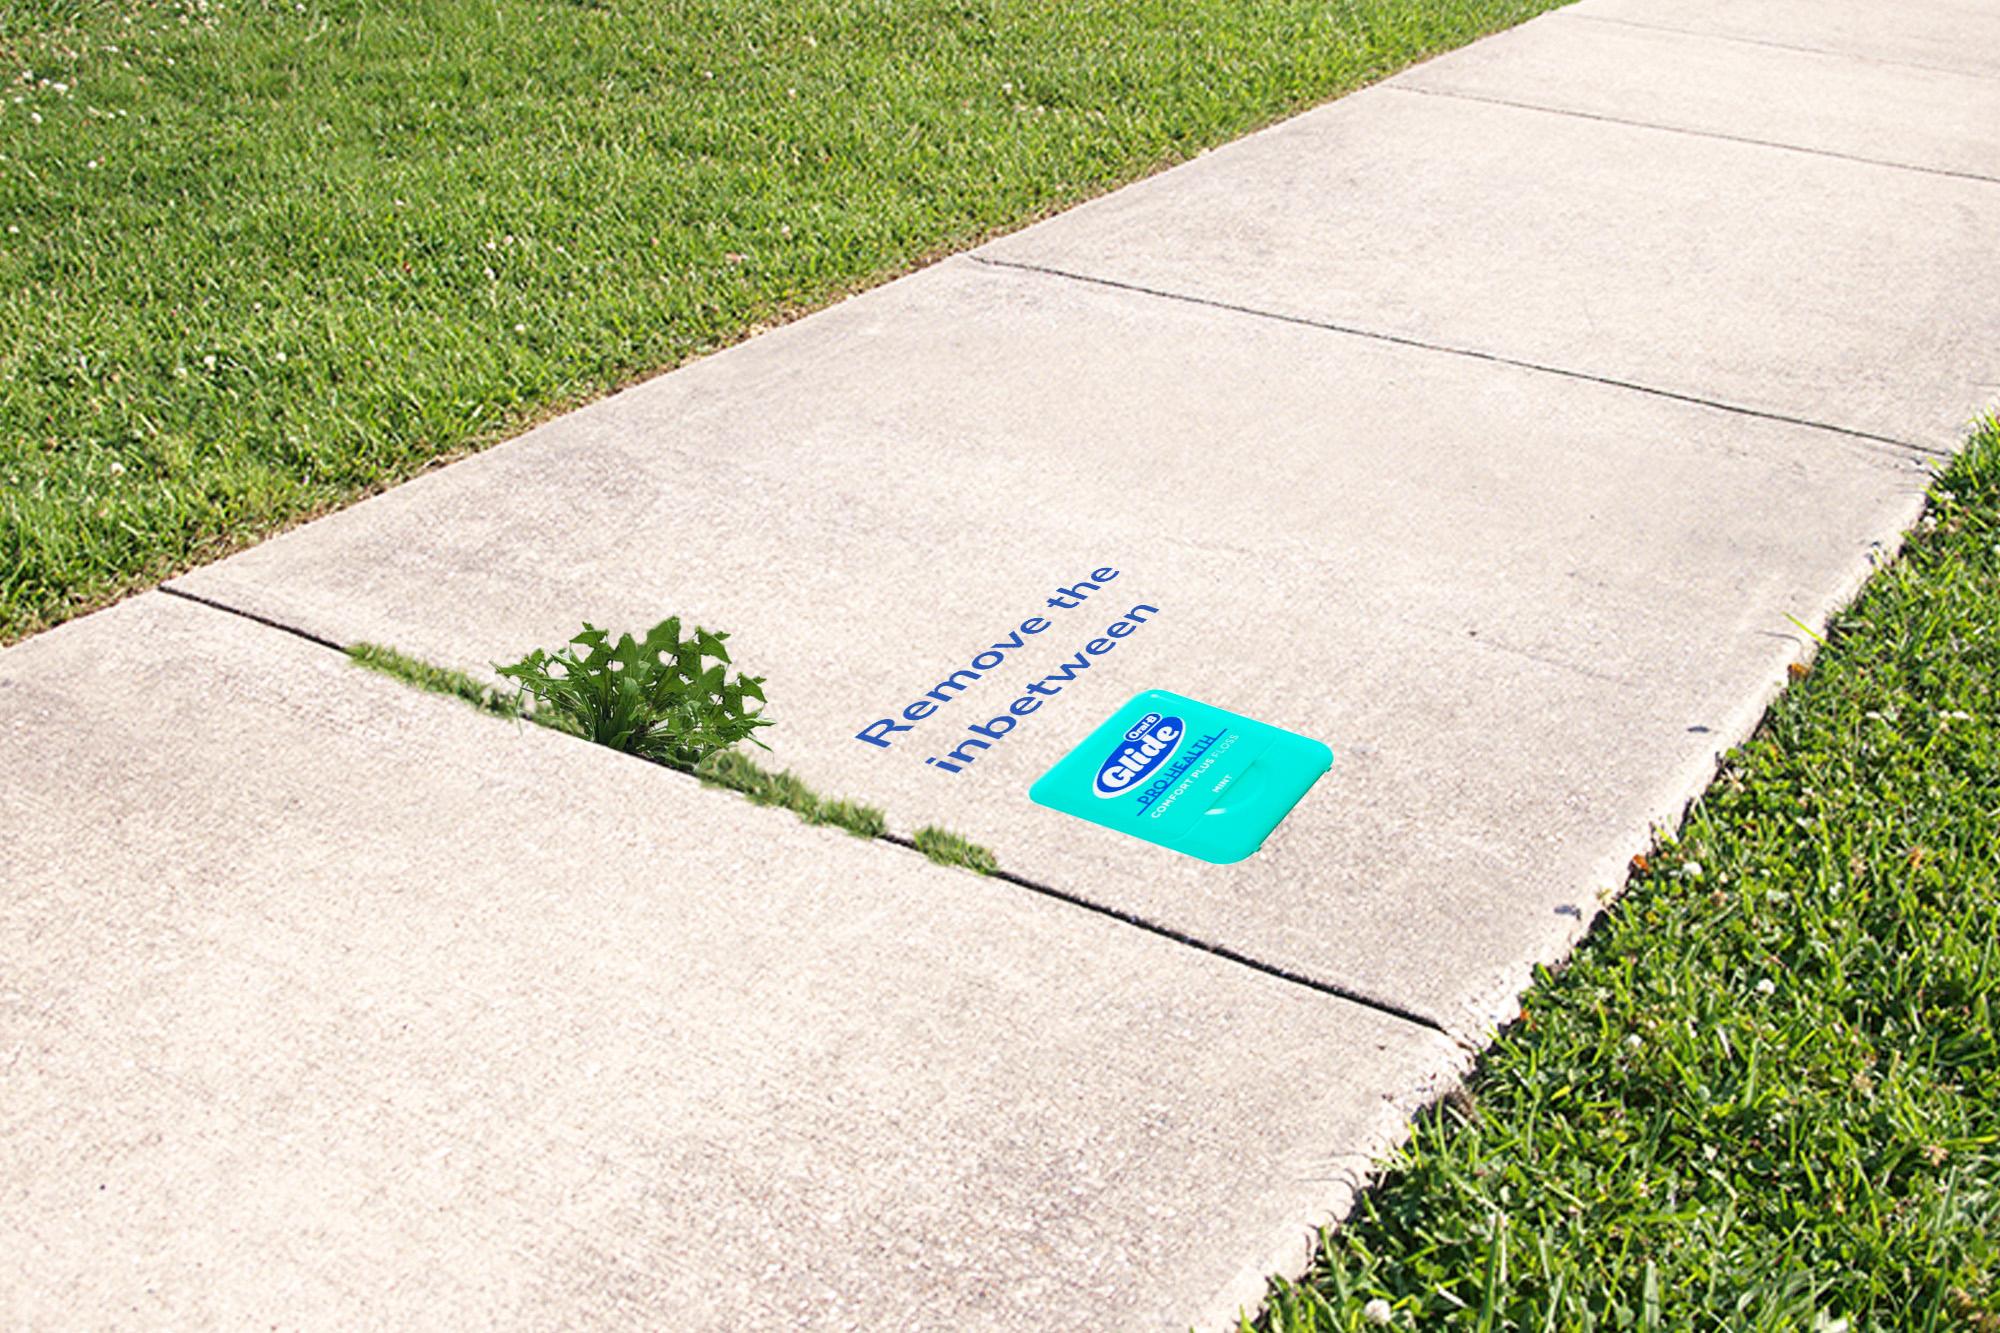 oral-b_sidewalk.jpg